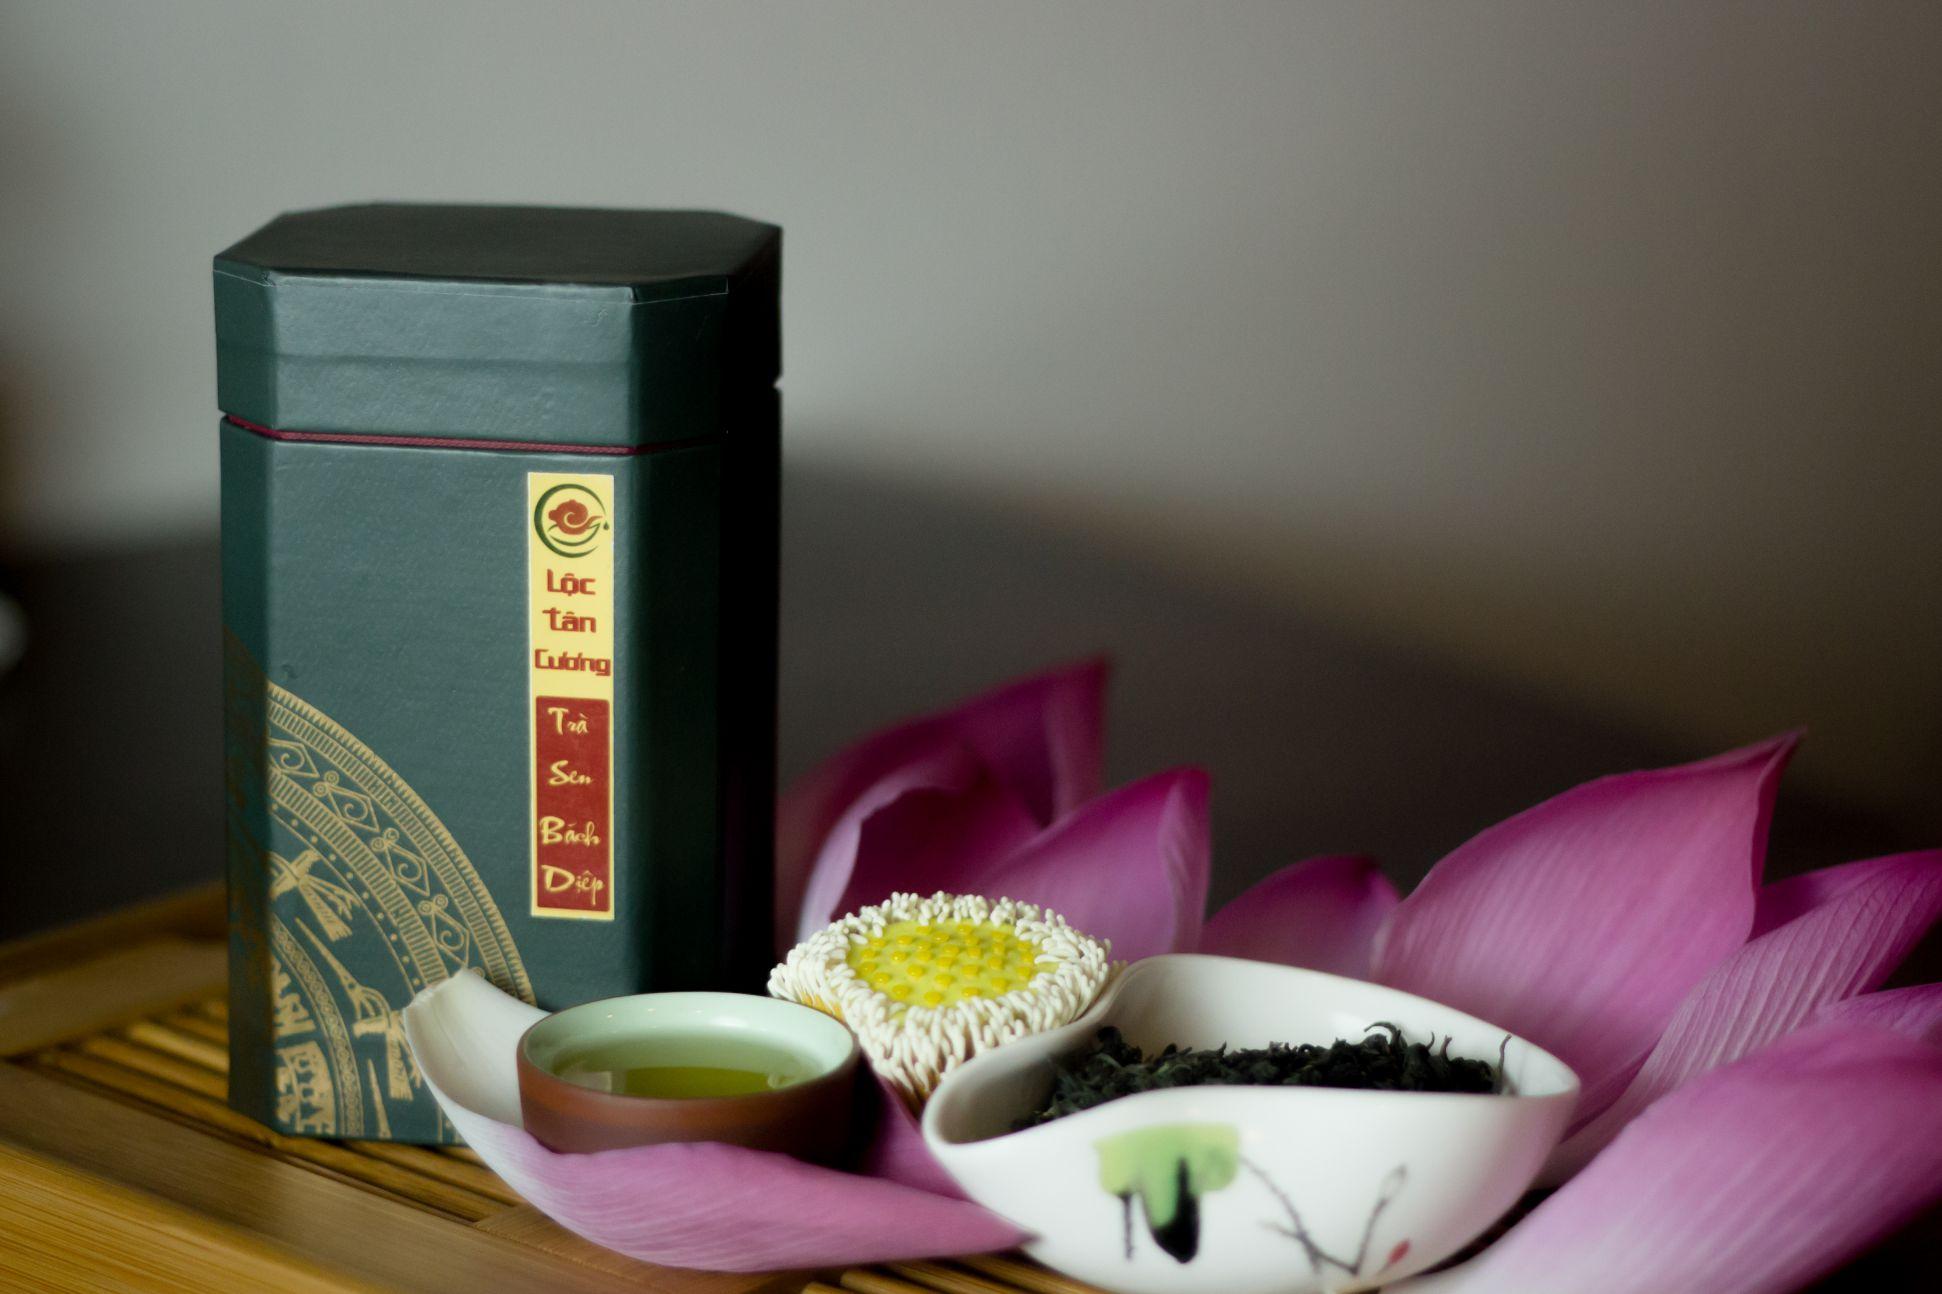 Nếu không tìm được trà sen ở gần nơi bạn sinh sống thì hãy để Lộc Tân Cương giúp bạn